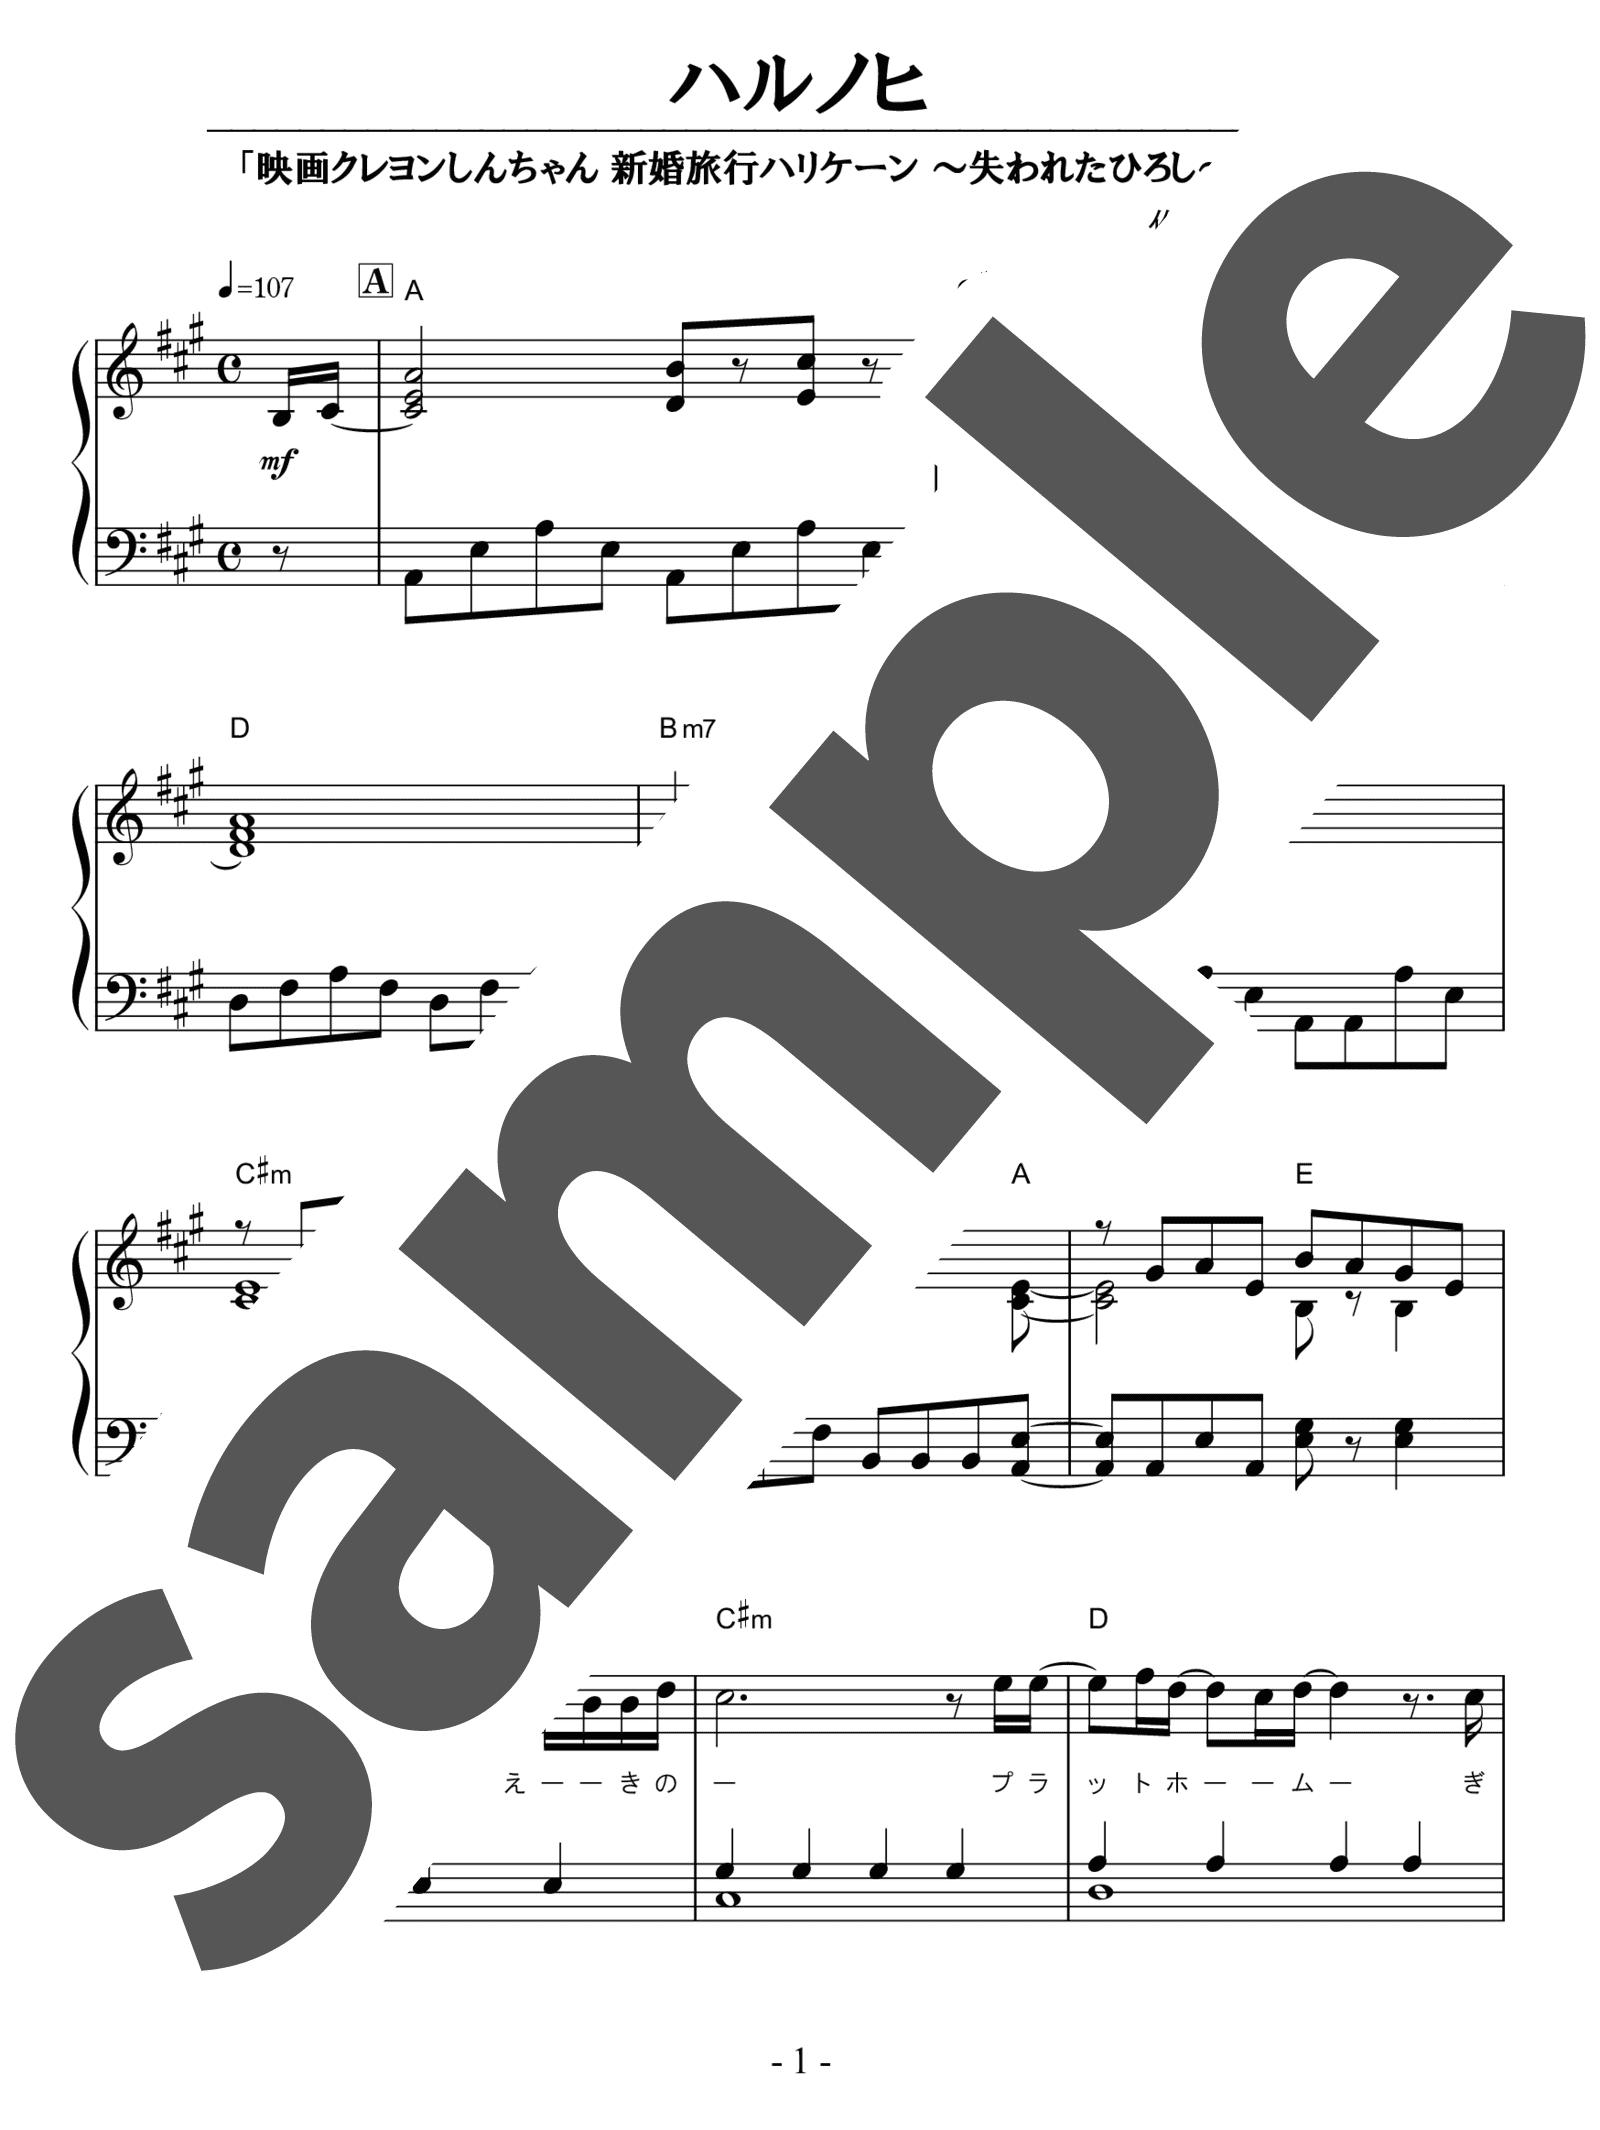 「ハルノヒ」のサンプル楽譜